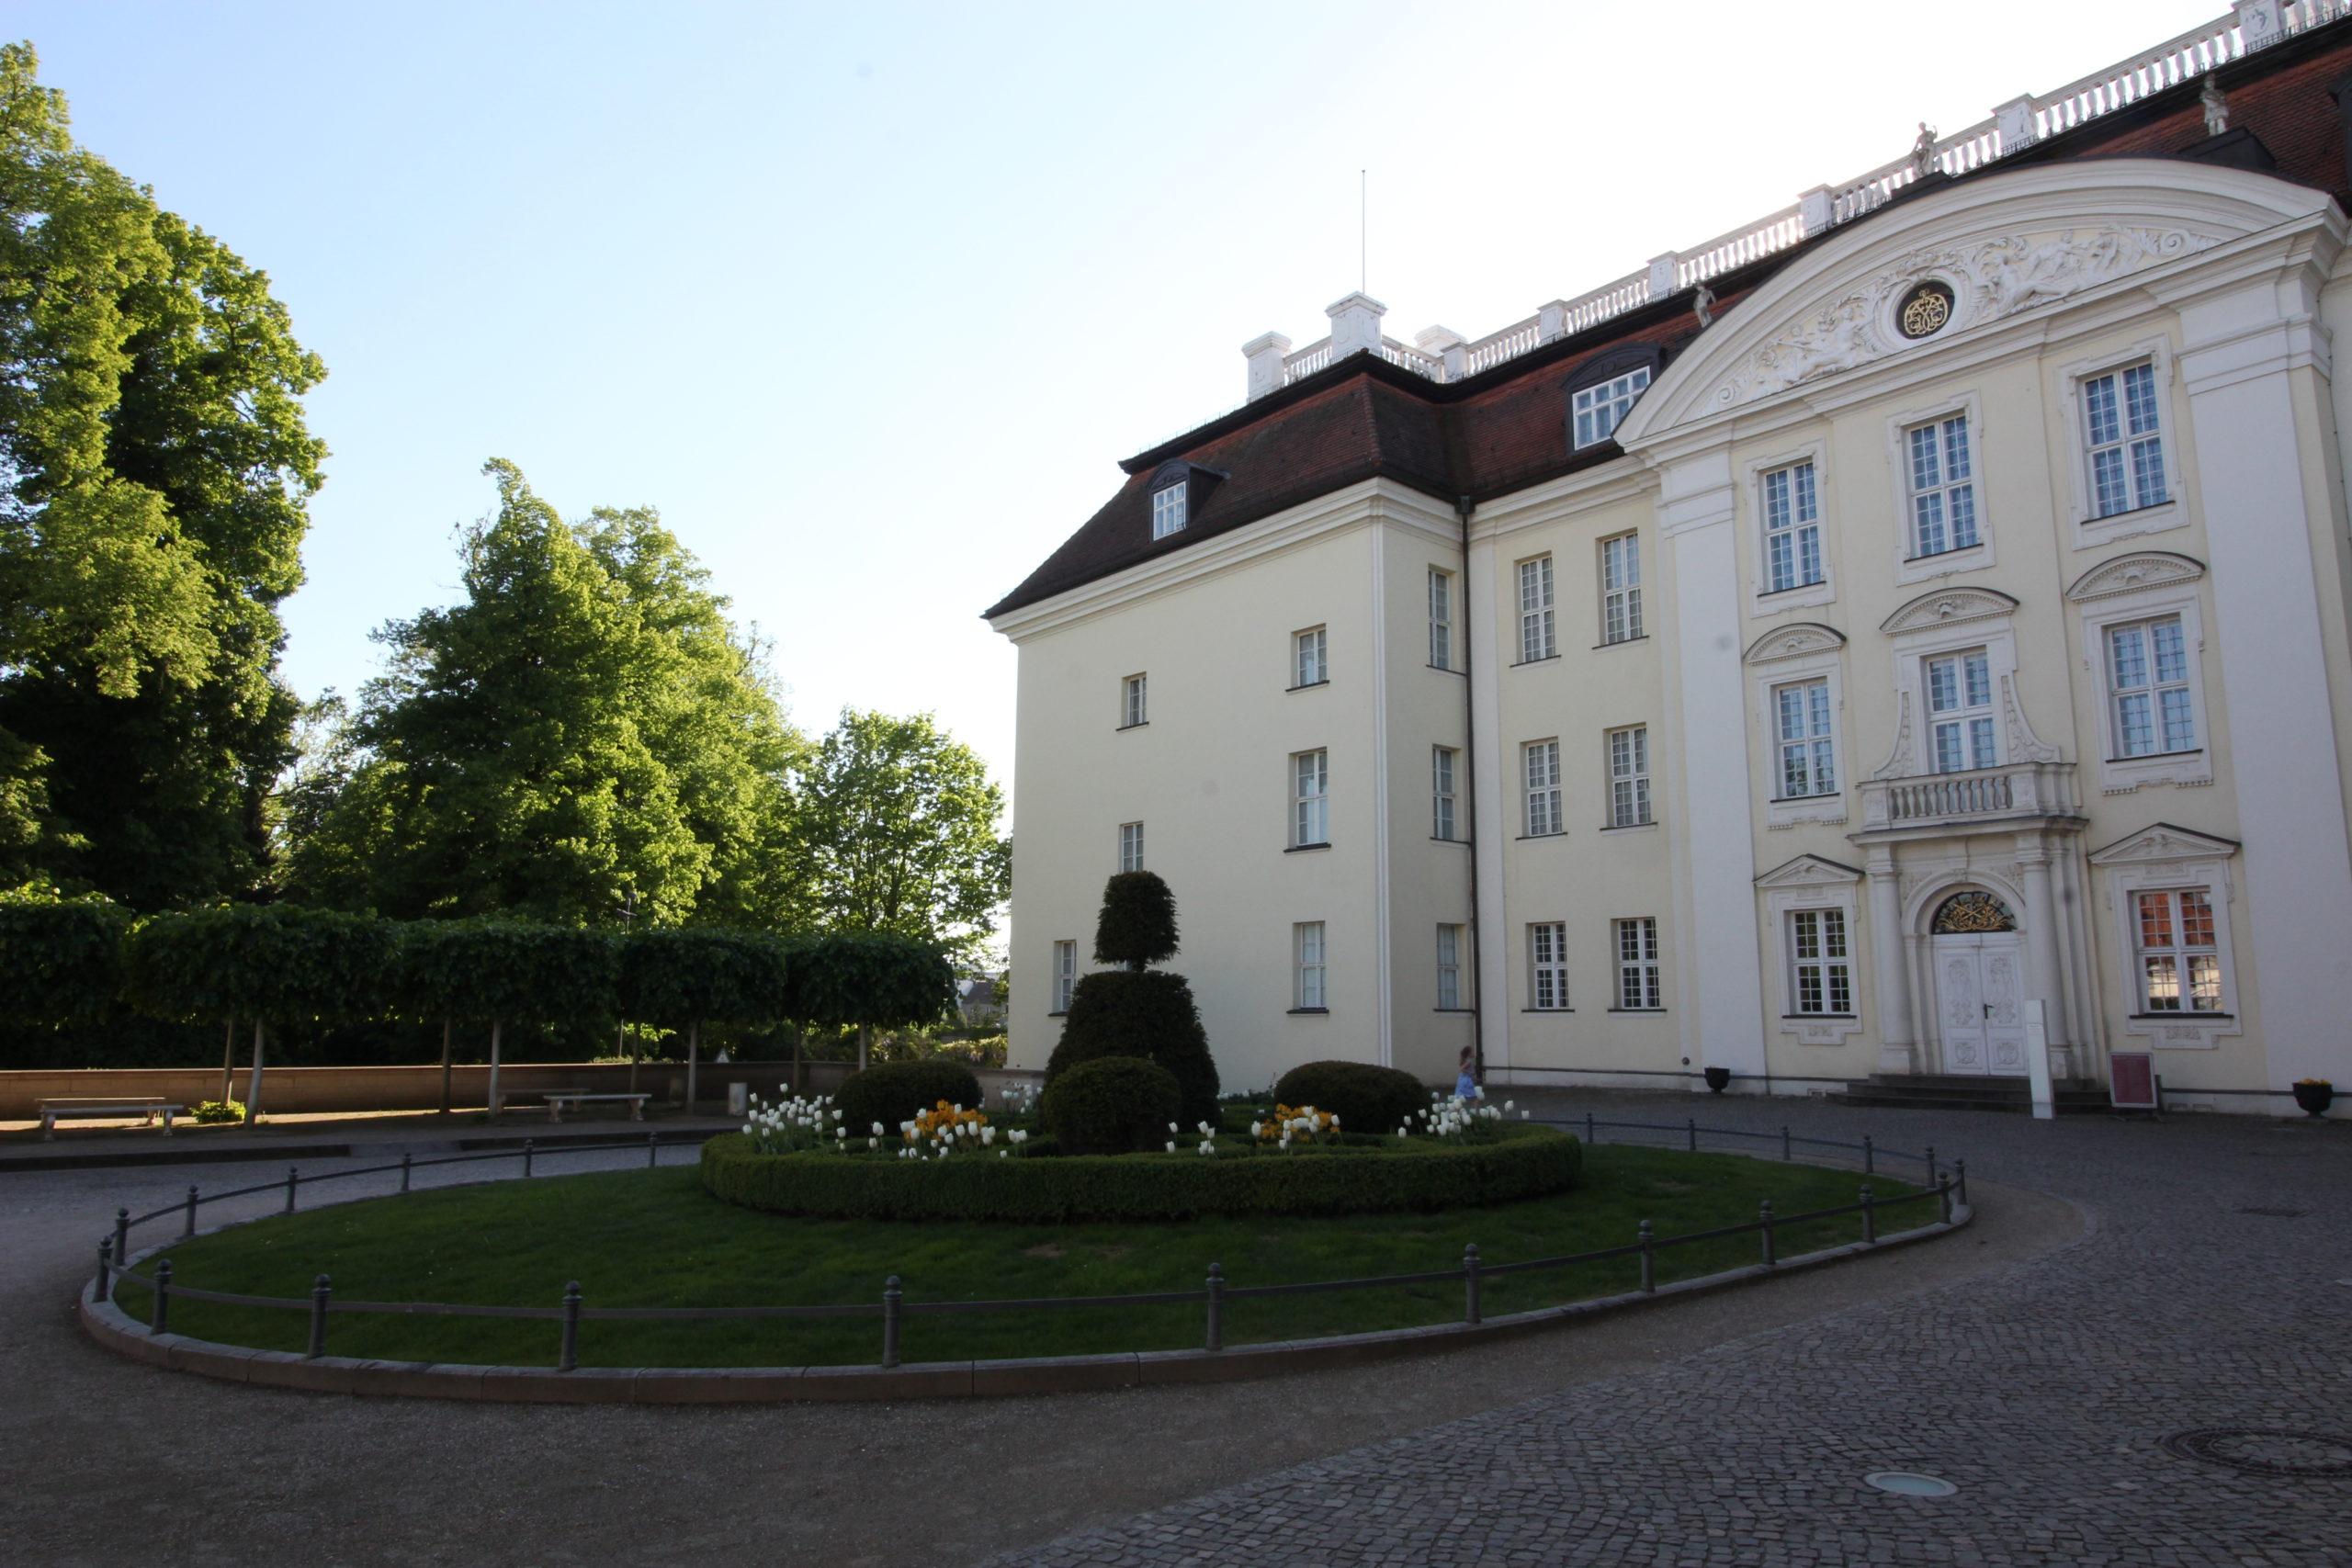 Innenhof Schloß Köpenick